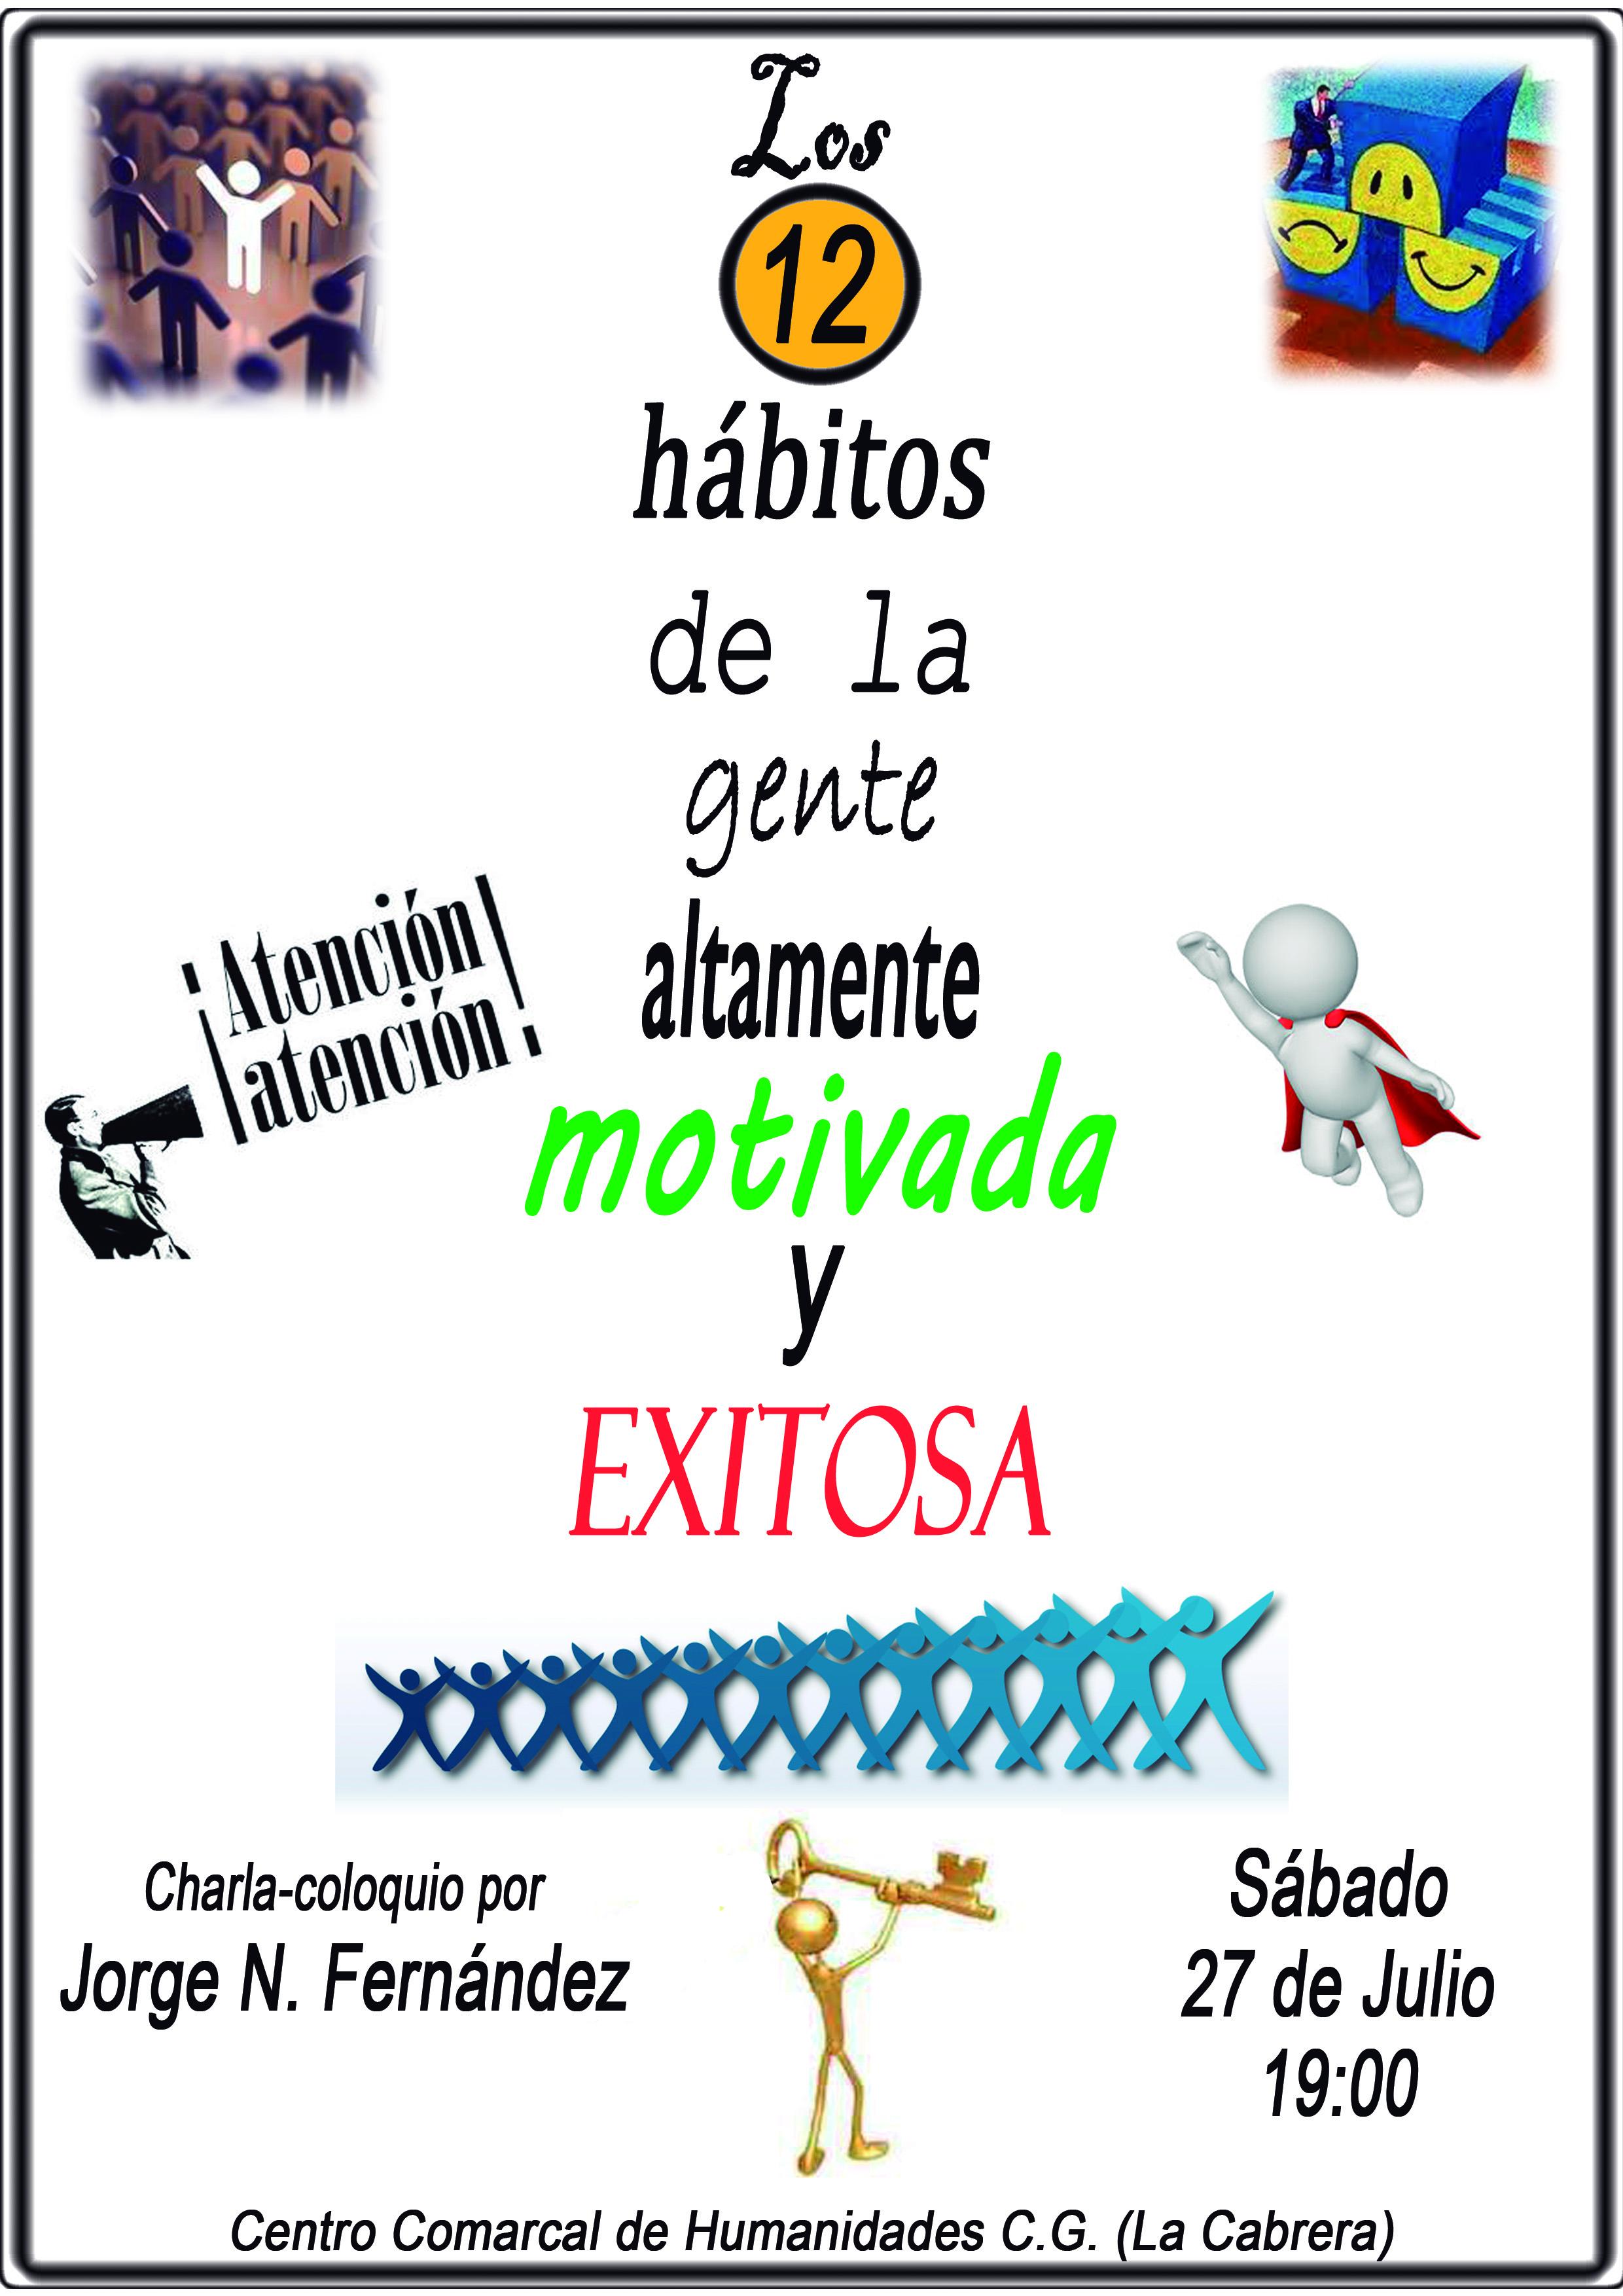 12 hábitos